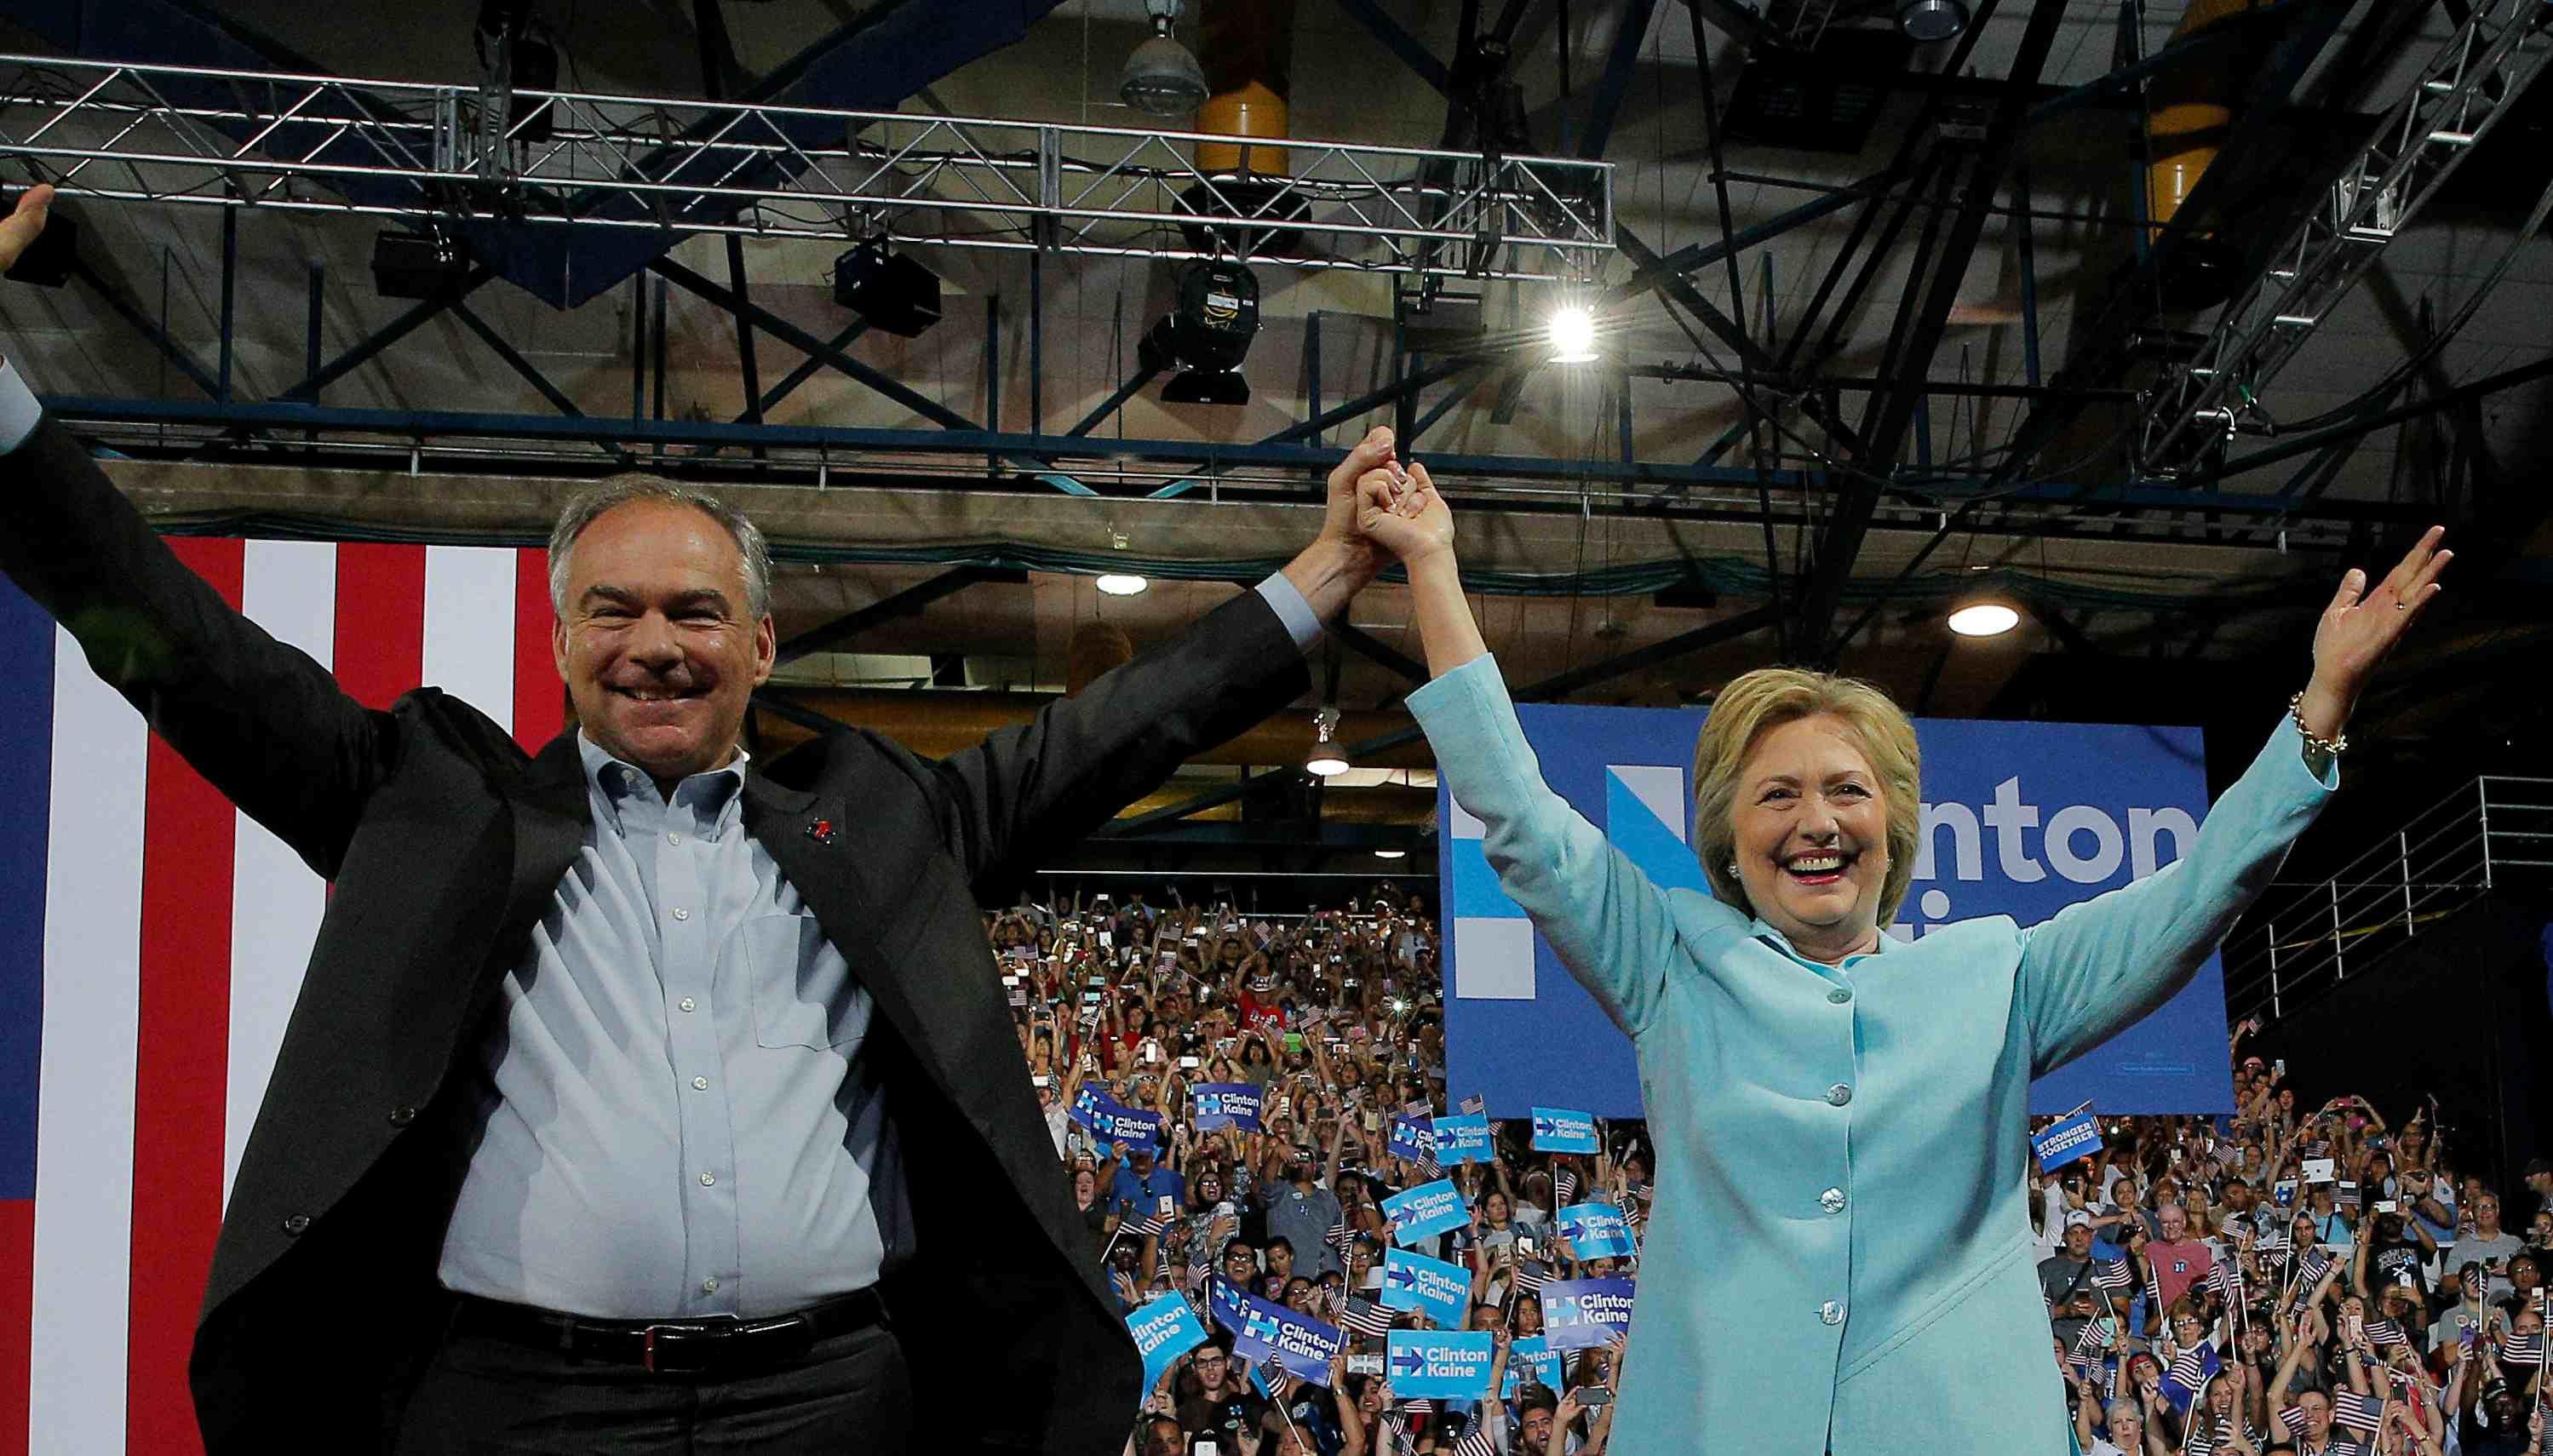 El senador por Virginia sería el vicepresidente si la candidata demócrata llega a la Casa Blanca